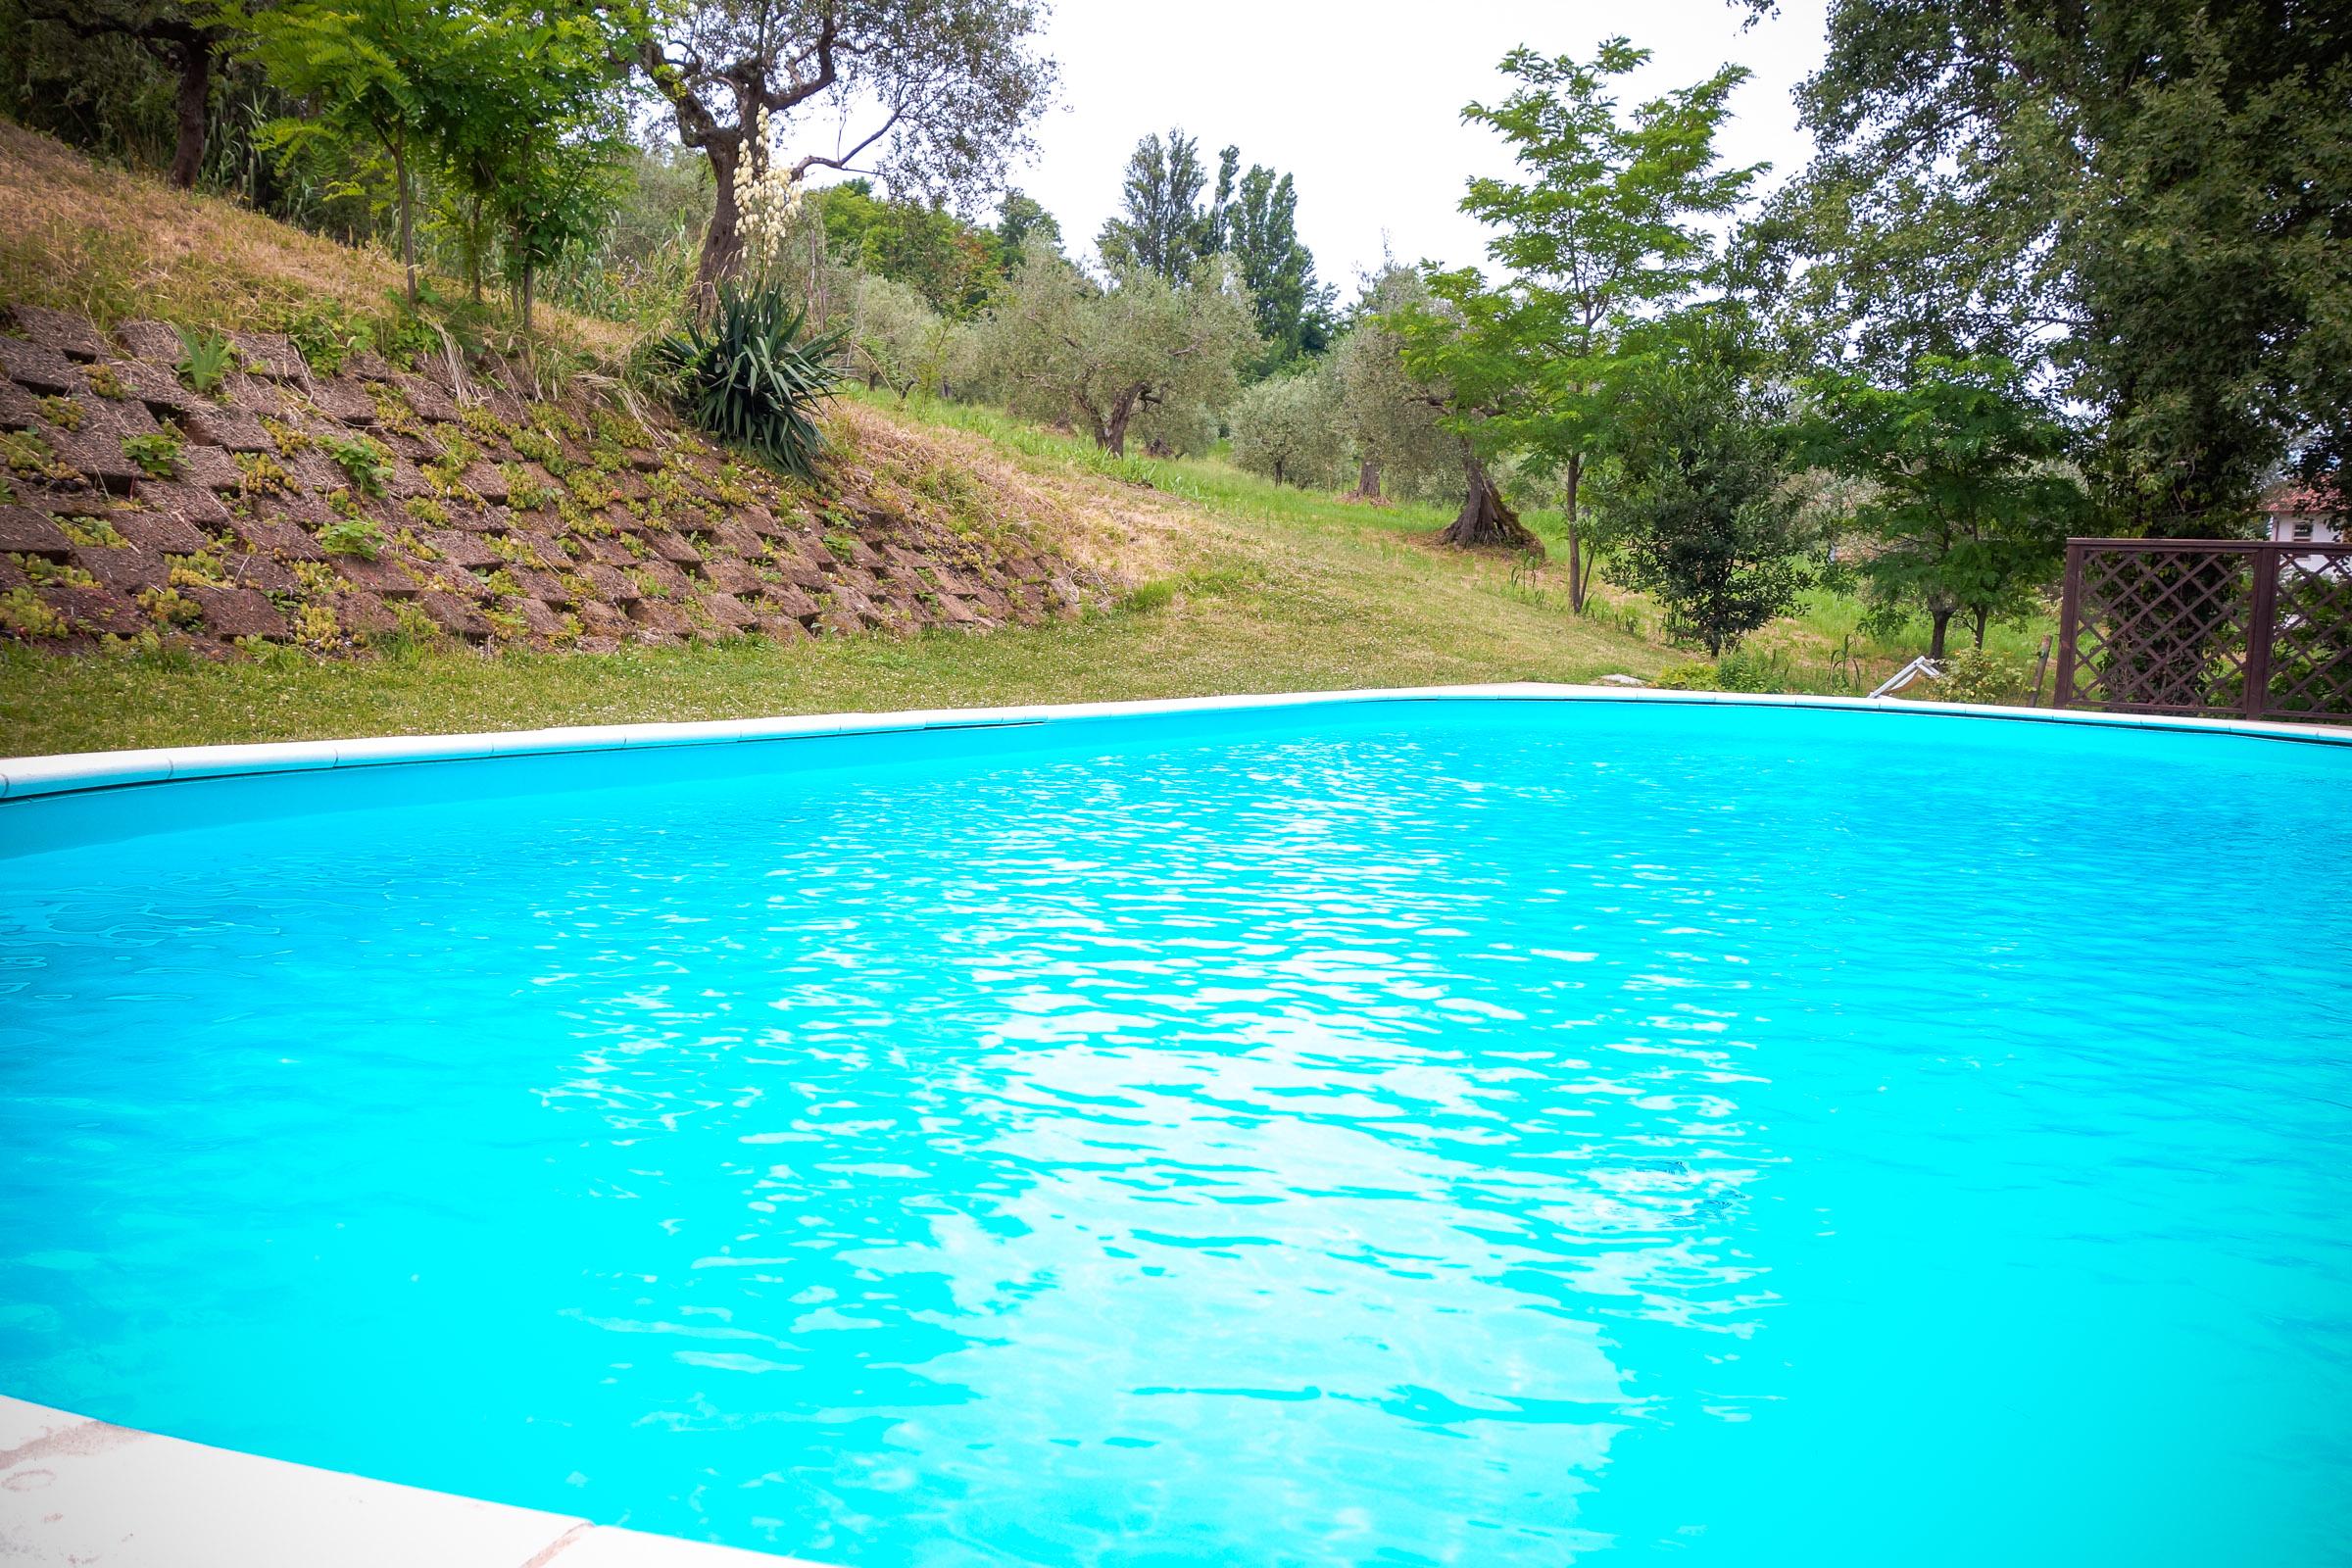 Belvedere locanda ristorante agriturismo con piscina saludecio rimini - Agriturismo rimini con piscina ...